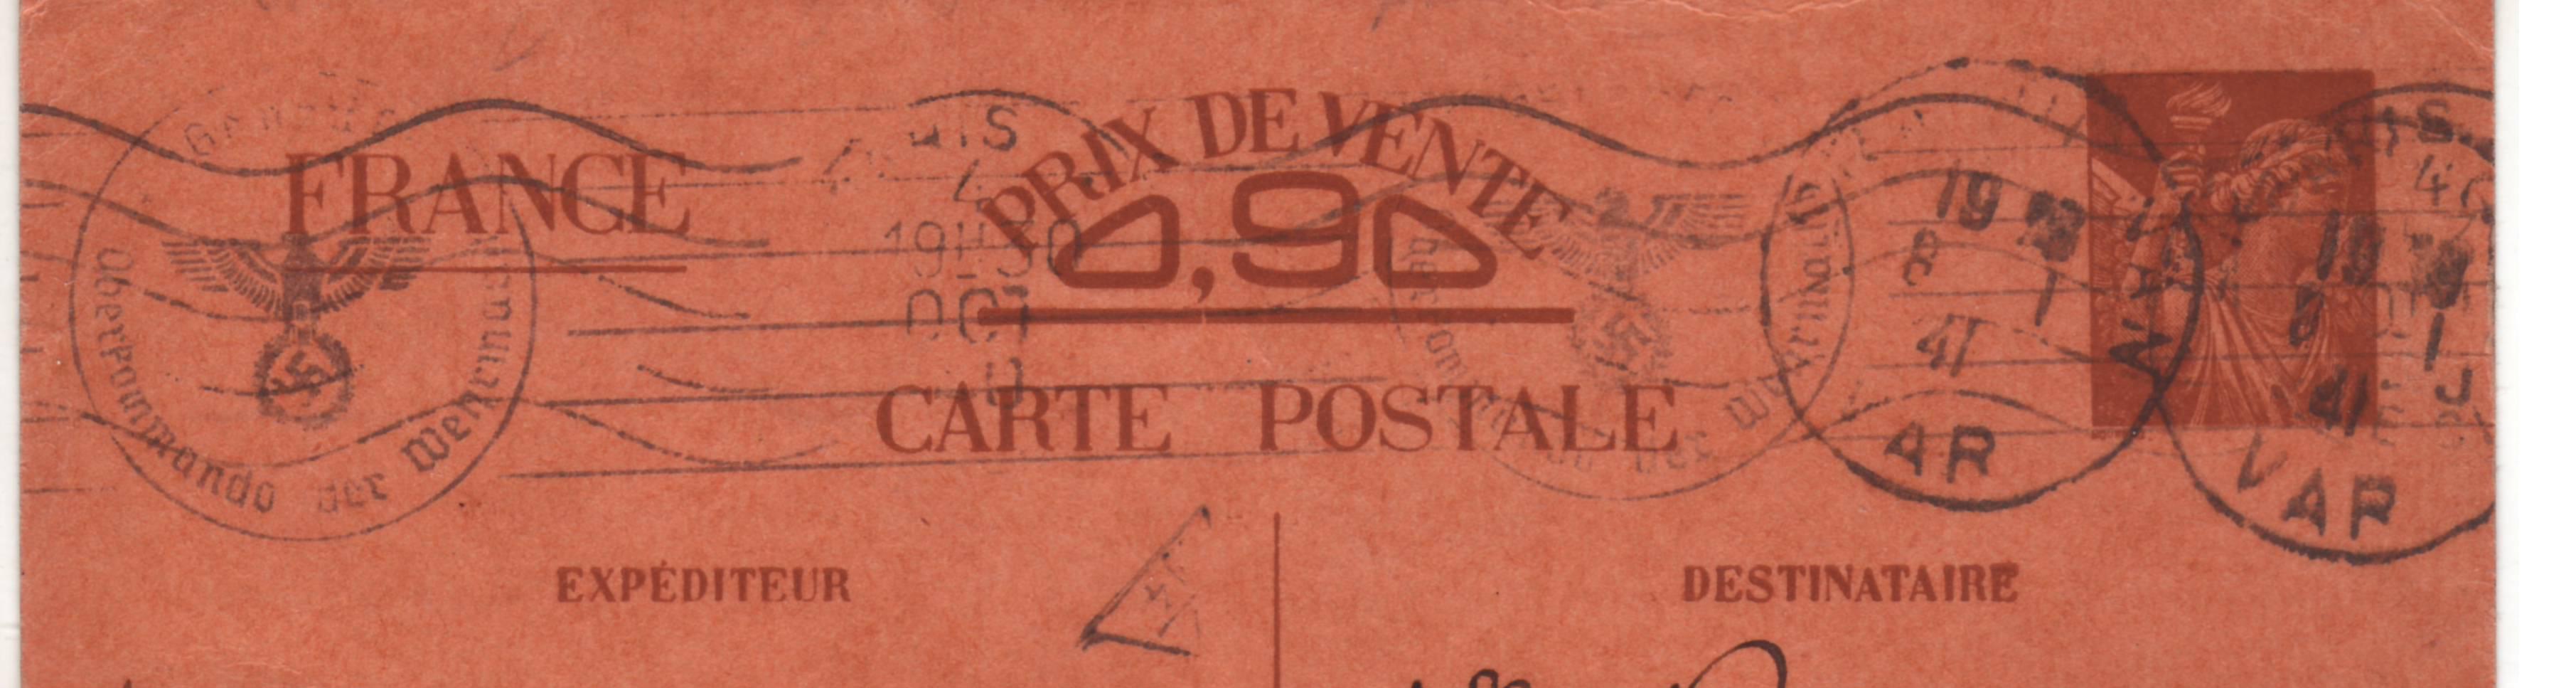 Carte Interzone de Paris 04.10.40 pour Draguignan avec censure de Francfort/Main ! A_0_ko10